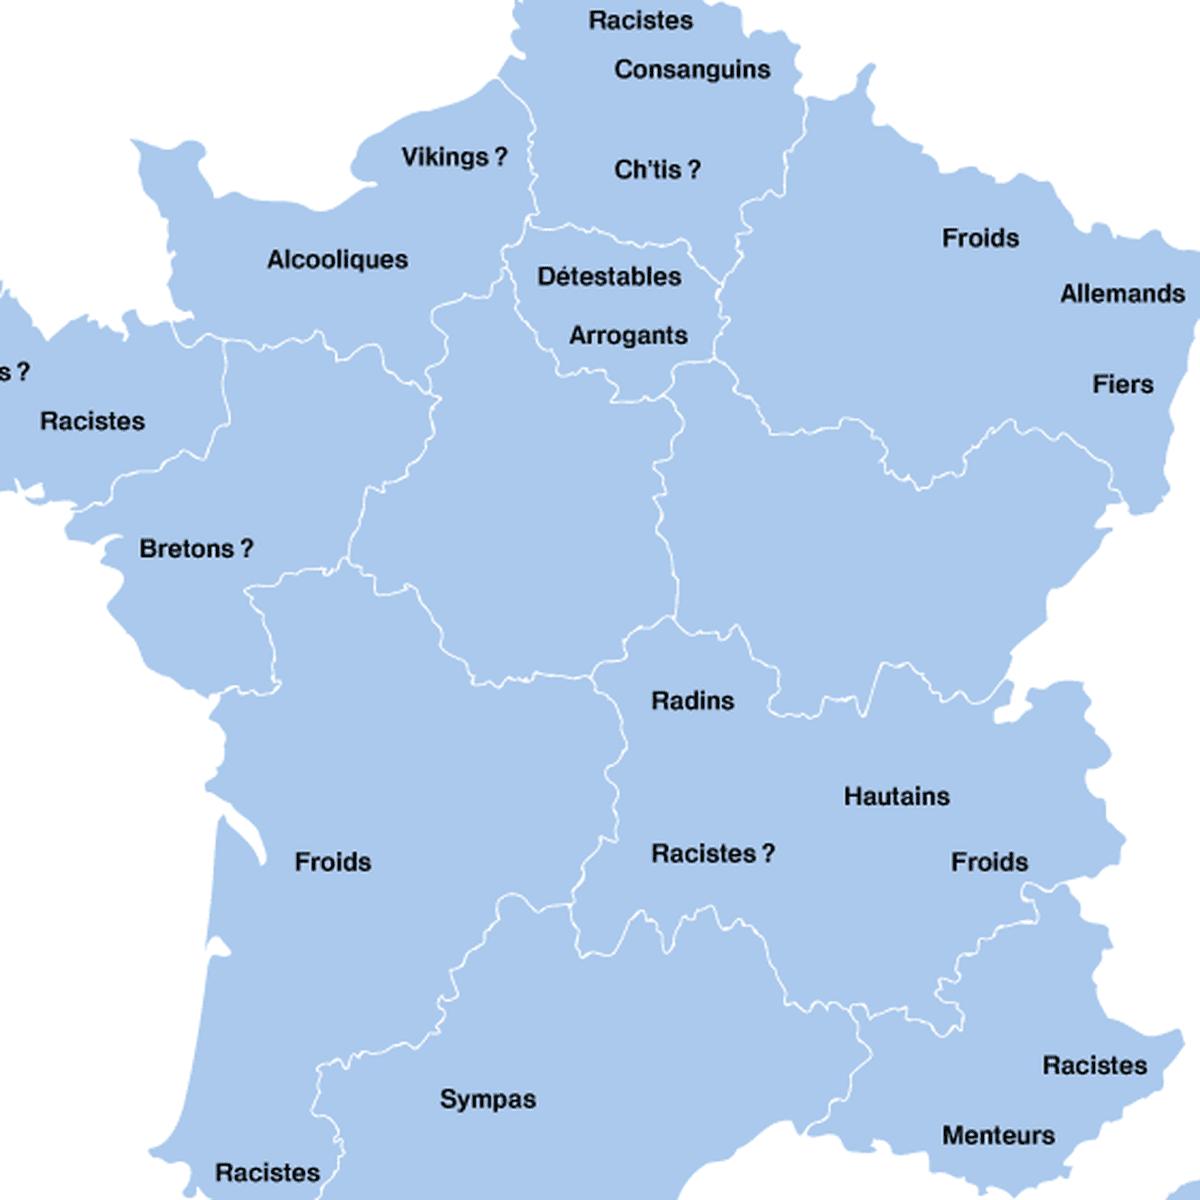 Voici La Carte Des Prejuges Associes Aux Habitants De Chaque Region Selon Google